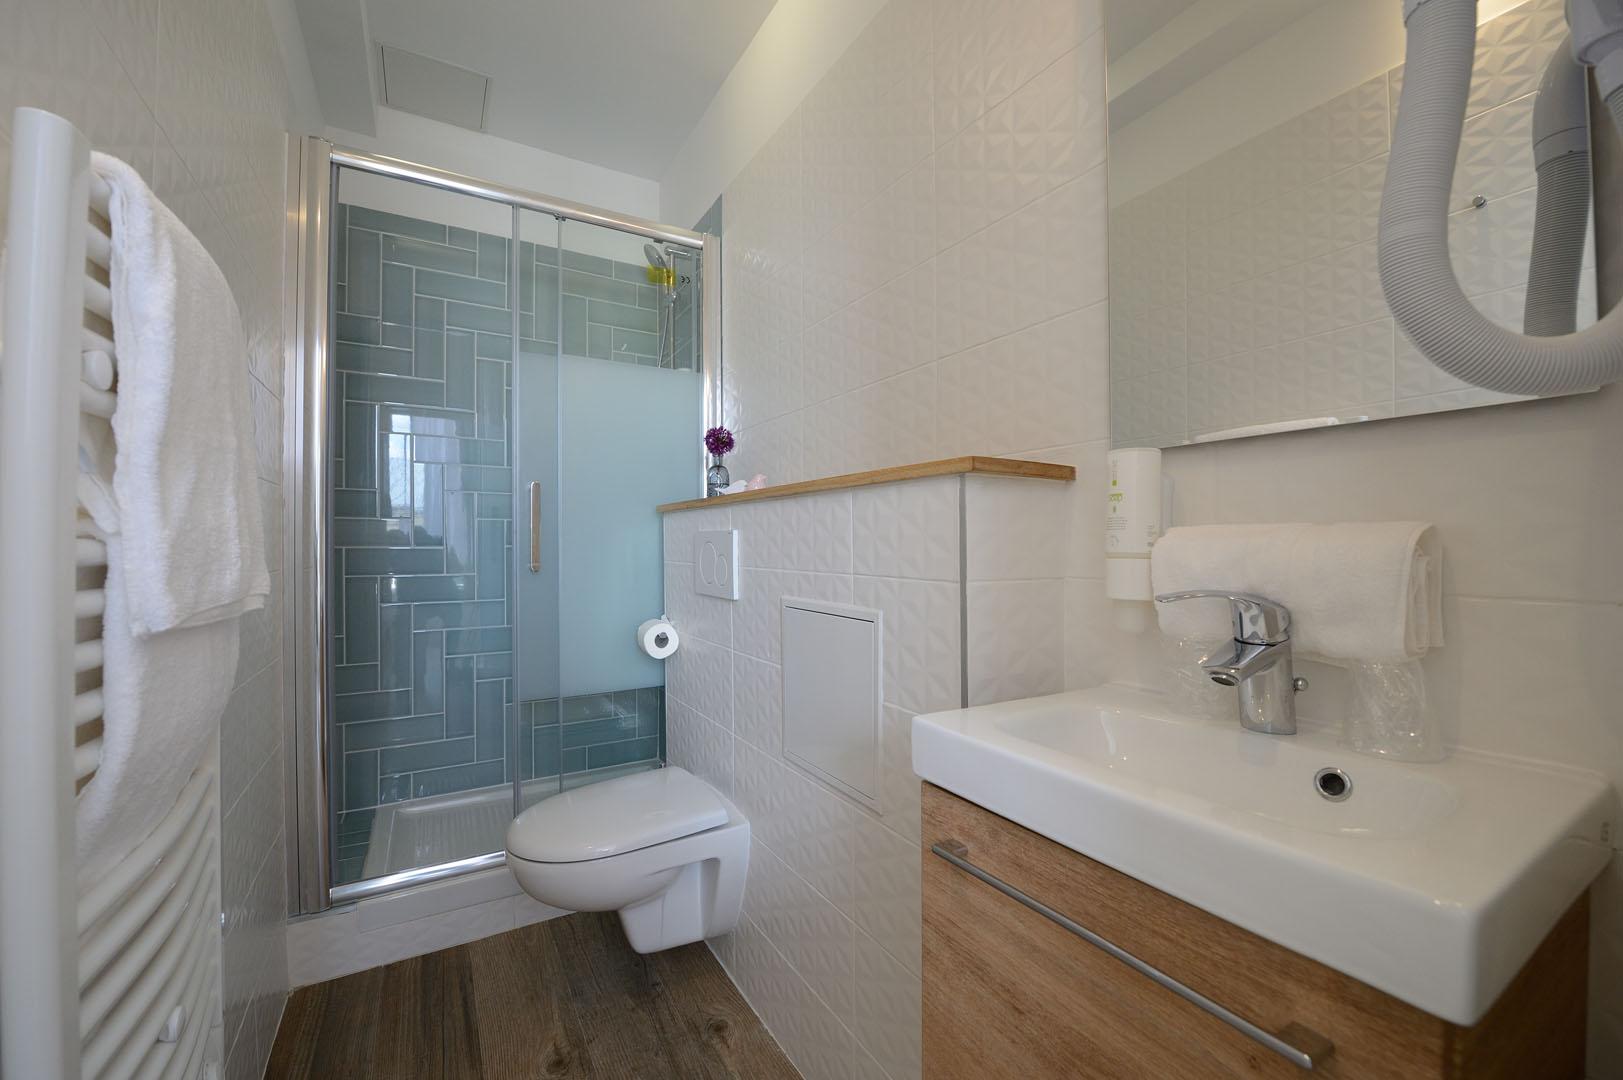 salle de bain moderne, hôtel design paris, Terre Neuve